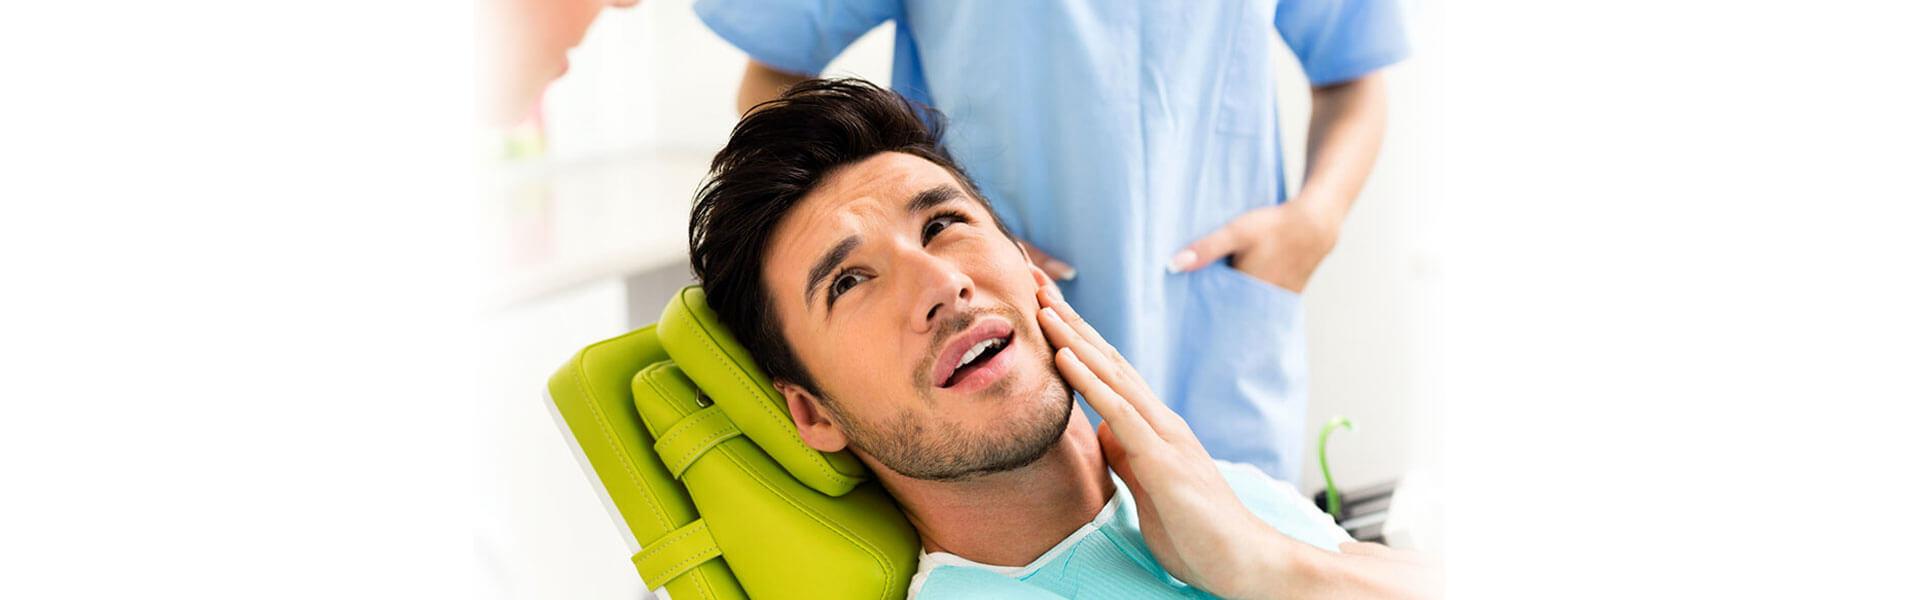 Dental Emergencies in Raritan, NJ